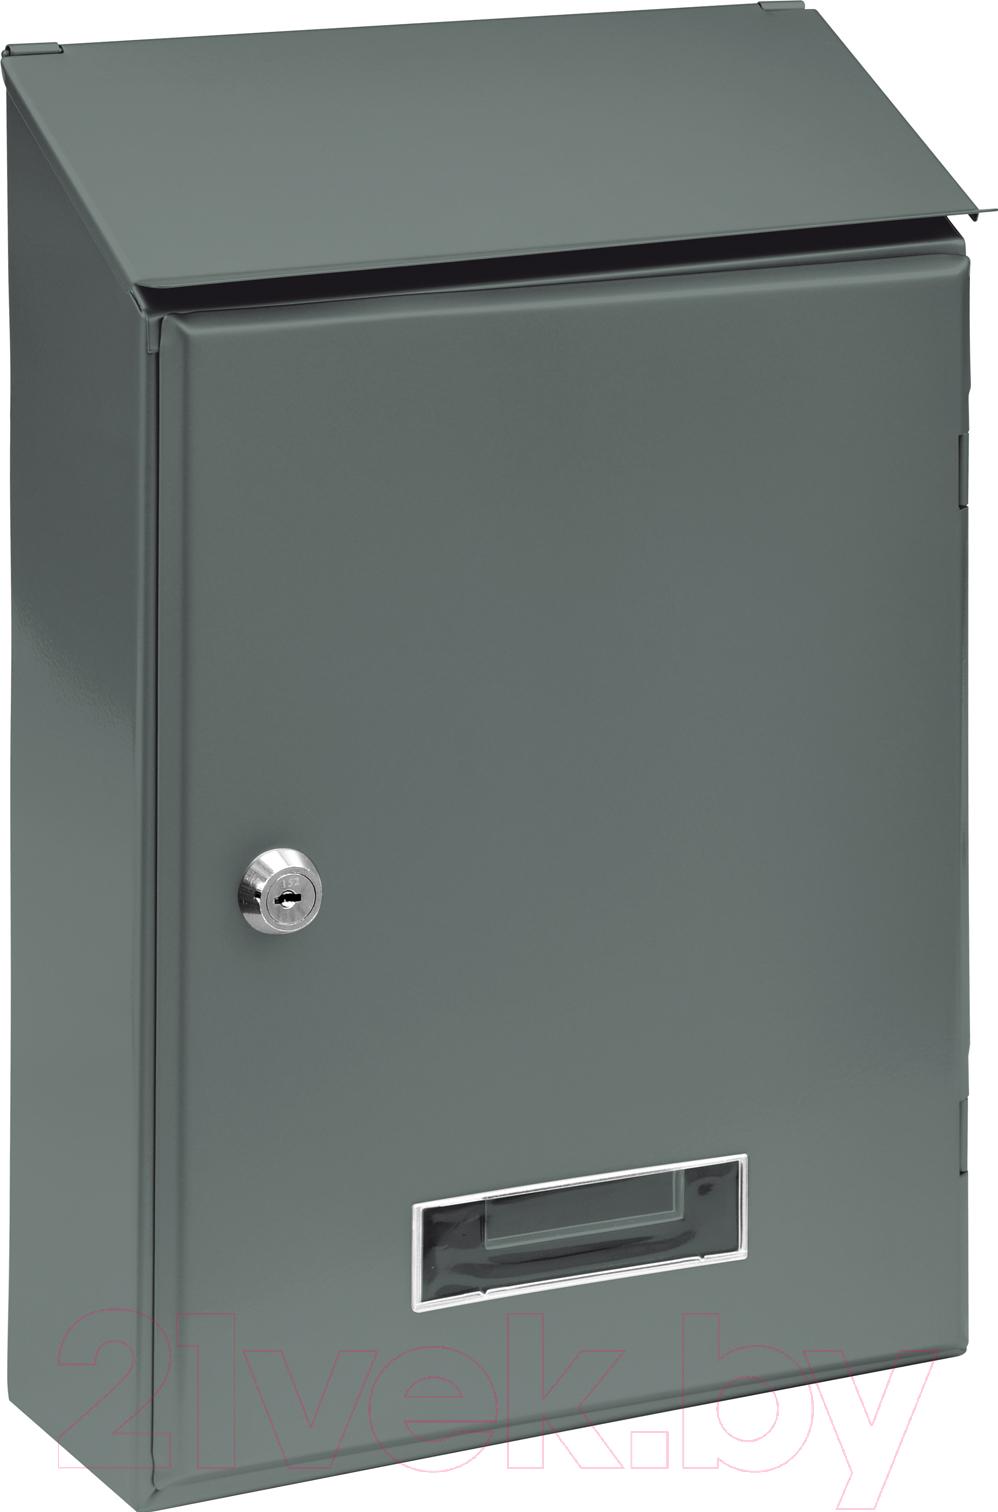 Купить Почтовый ящик Vorel, 78561, Польша, серый, сталь